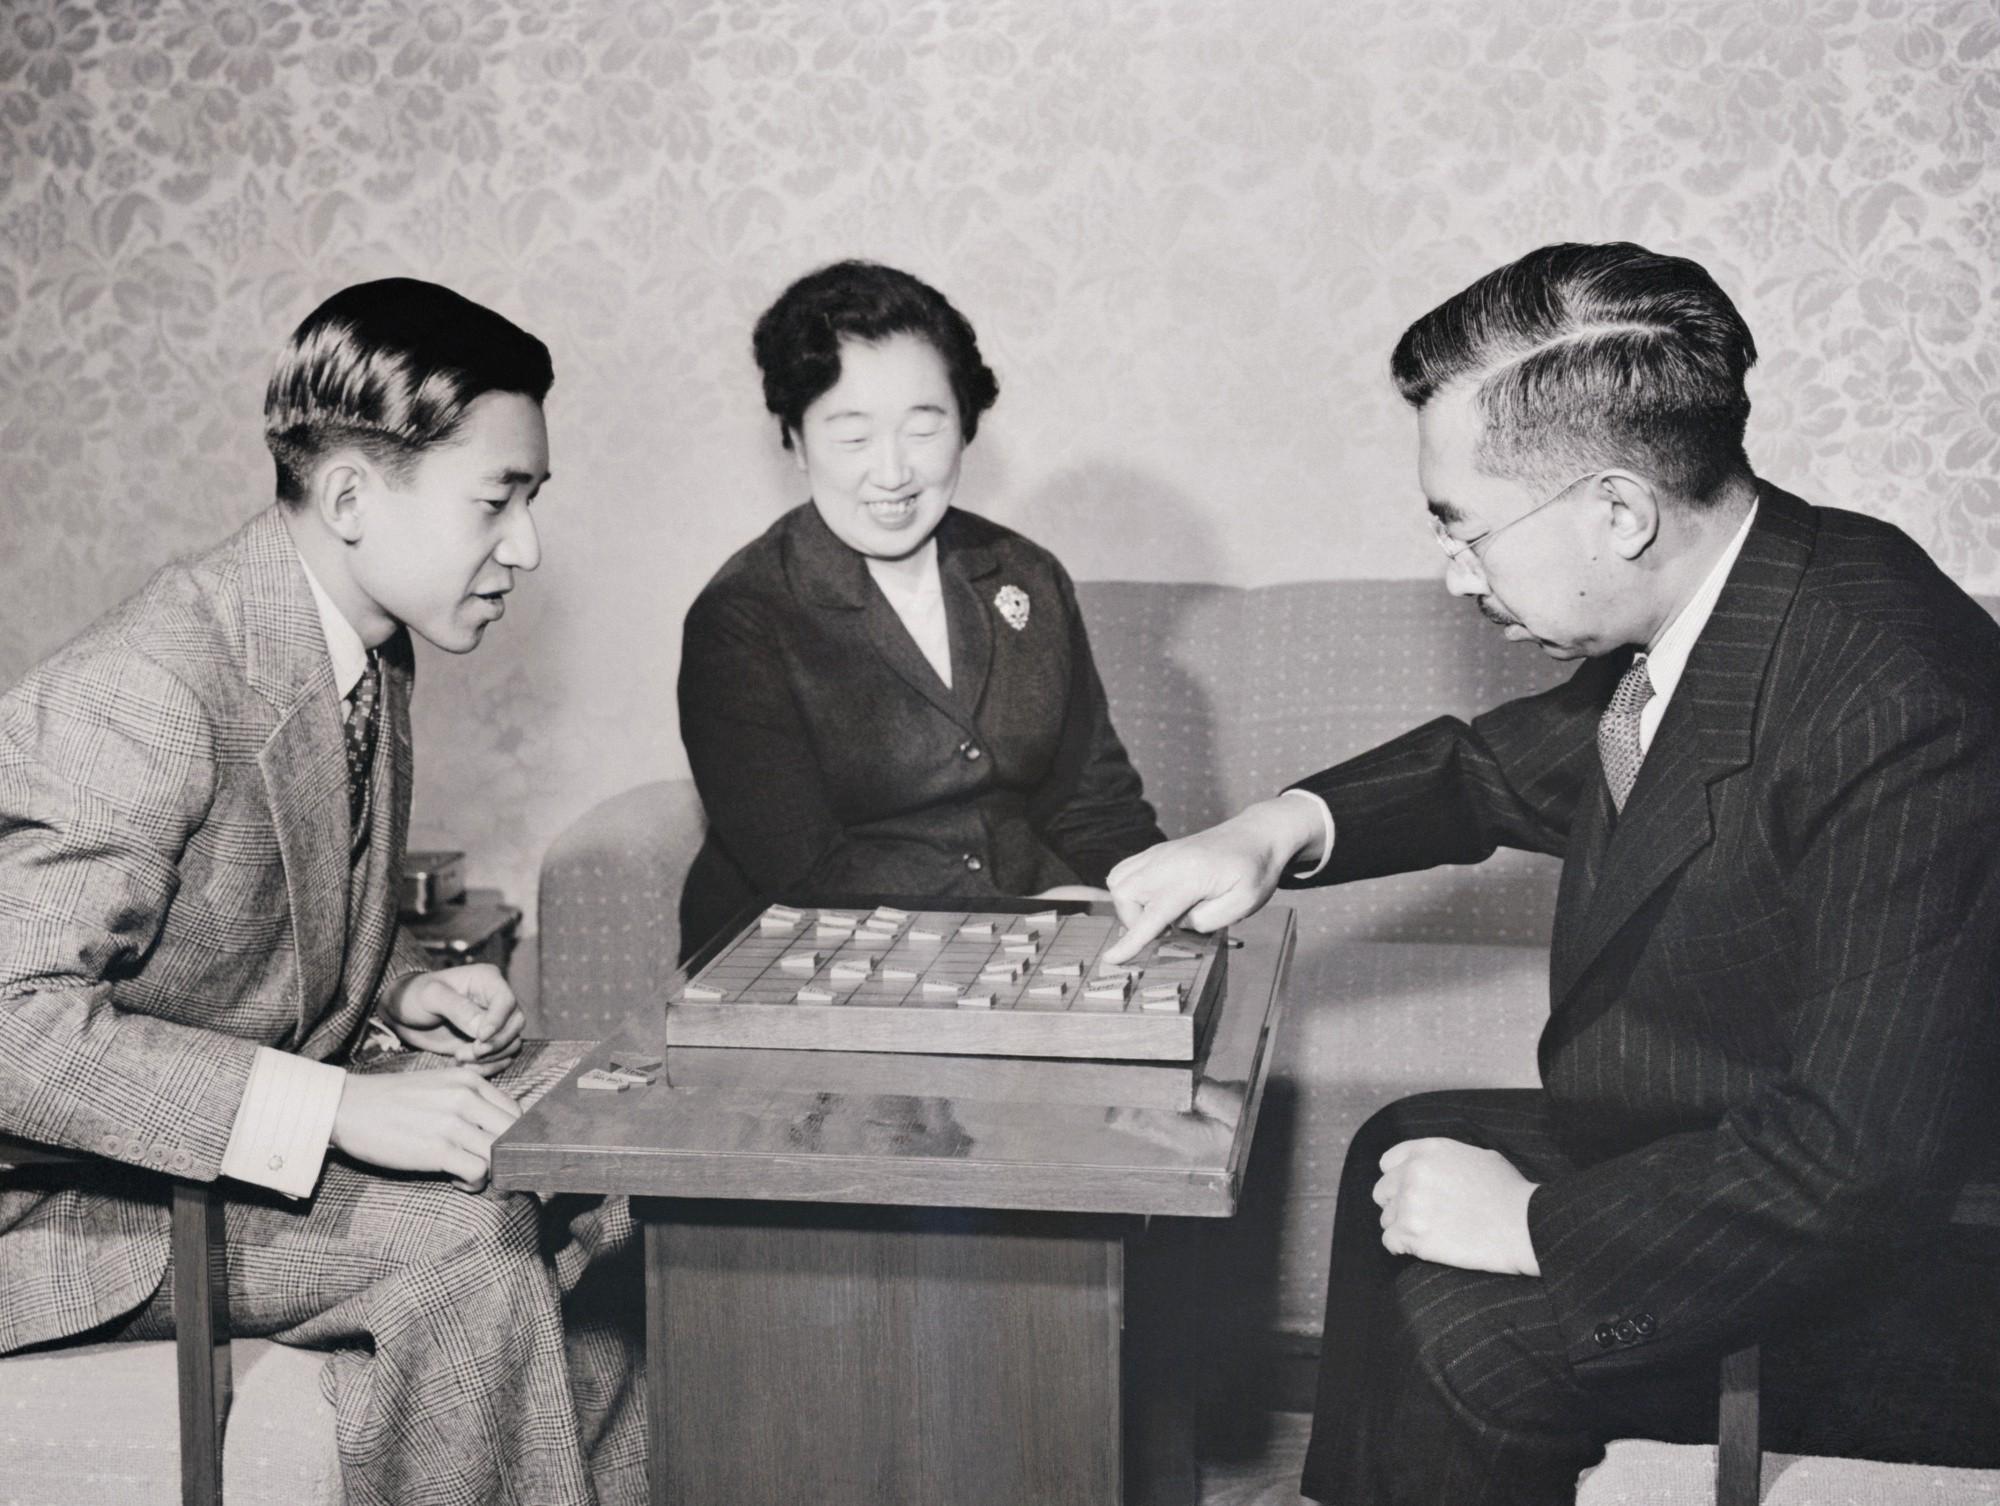 Nhật Hoàng Akihito: Vị hoàng đế của nhiều lần đầu tiên - Ảnh 1.